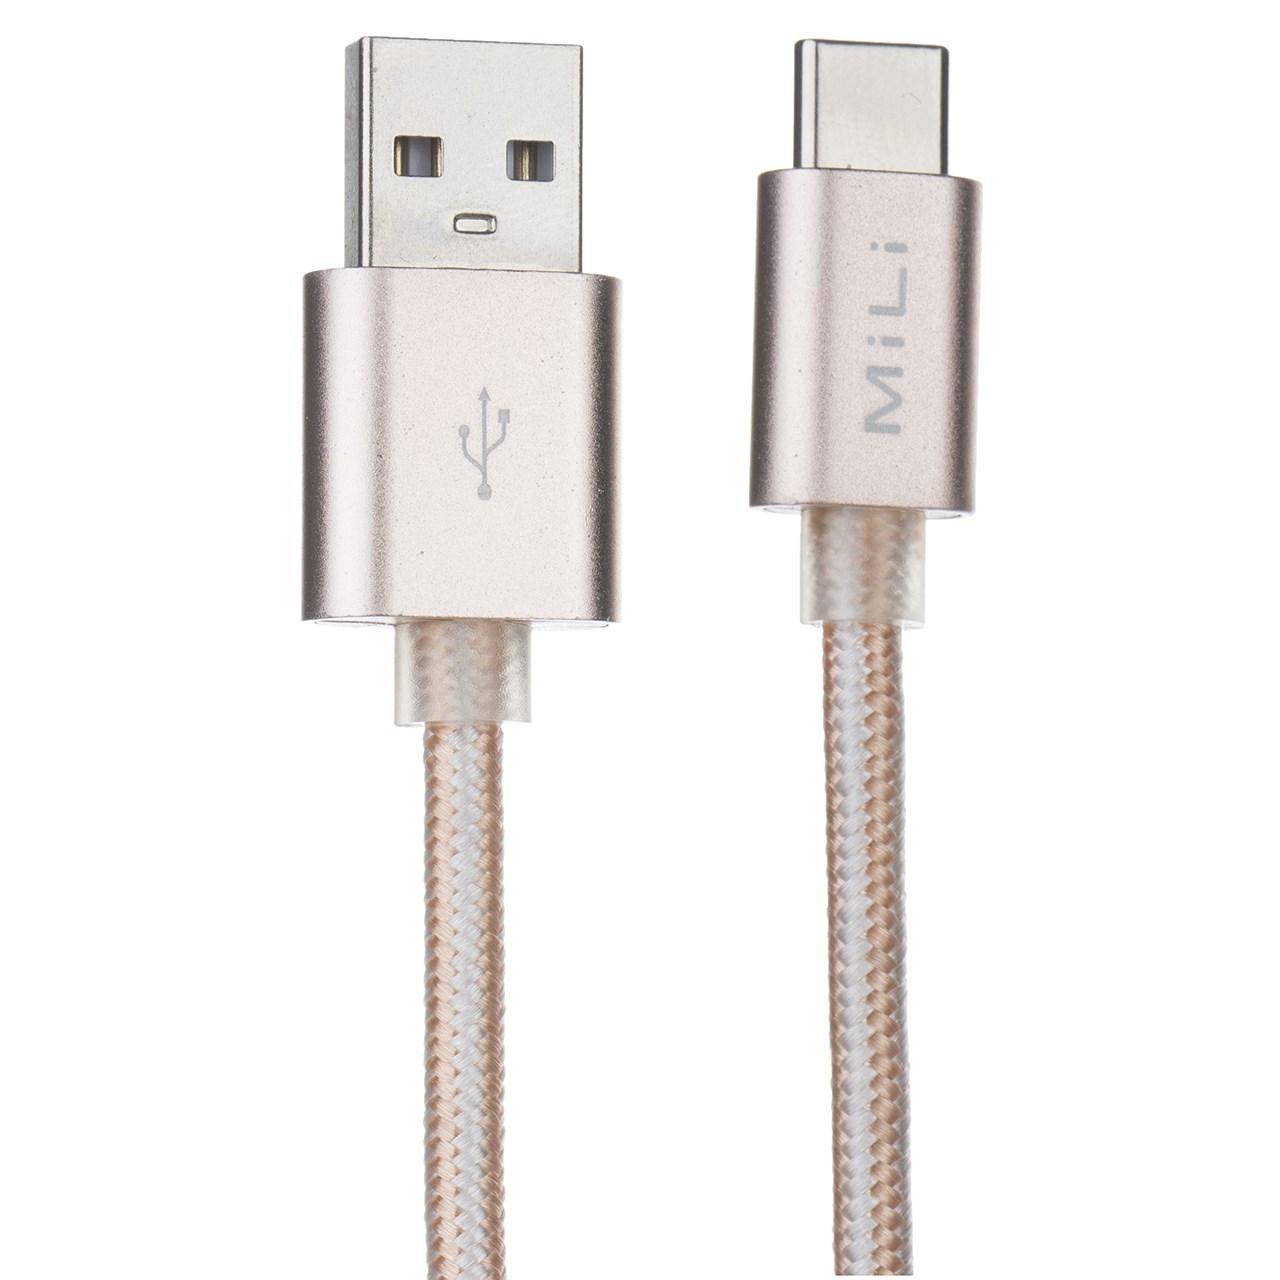 کابل تبدیل USB به USB-C میلی مدل HX-T28 طول 1 متر